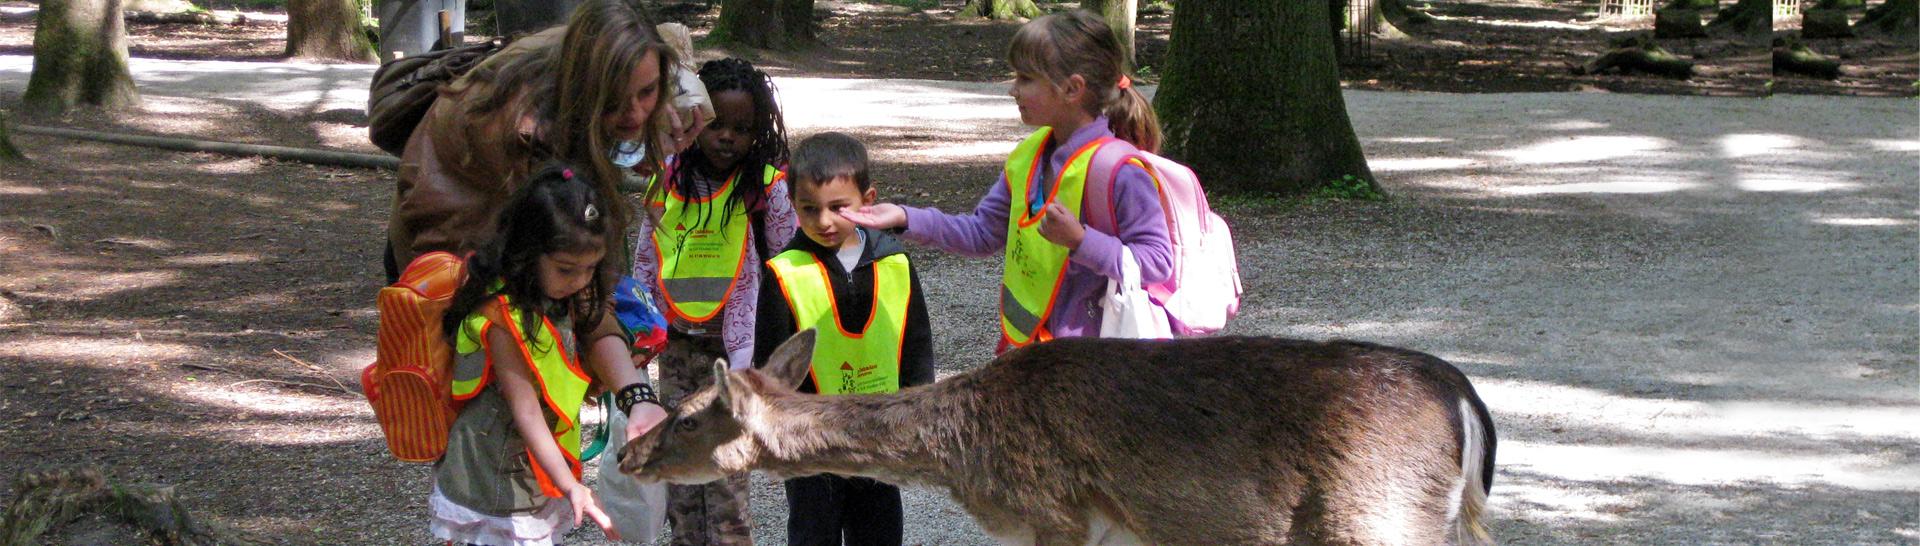 Hilfe für Kids - Ausflug in den Wildpark Poing